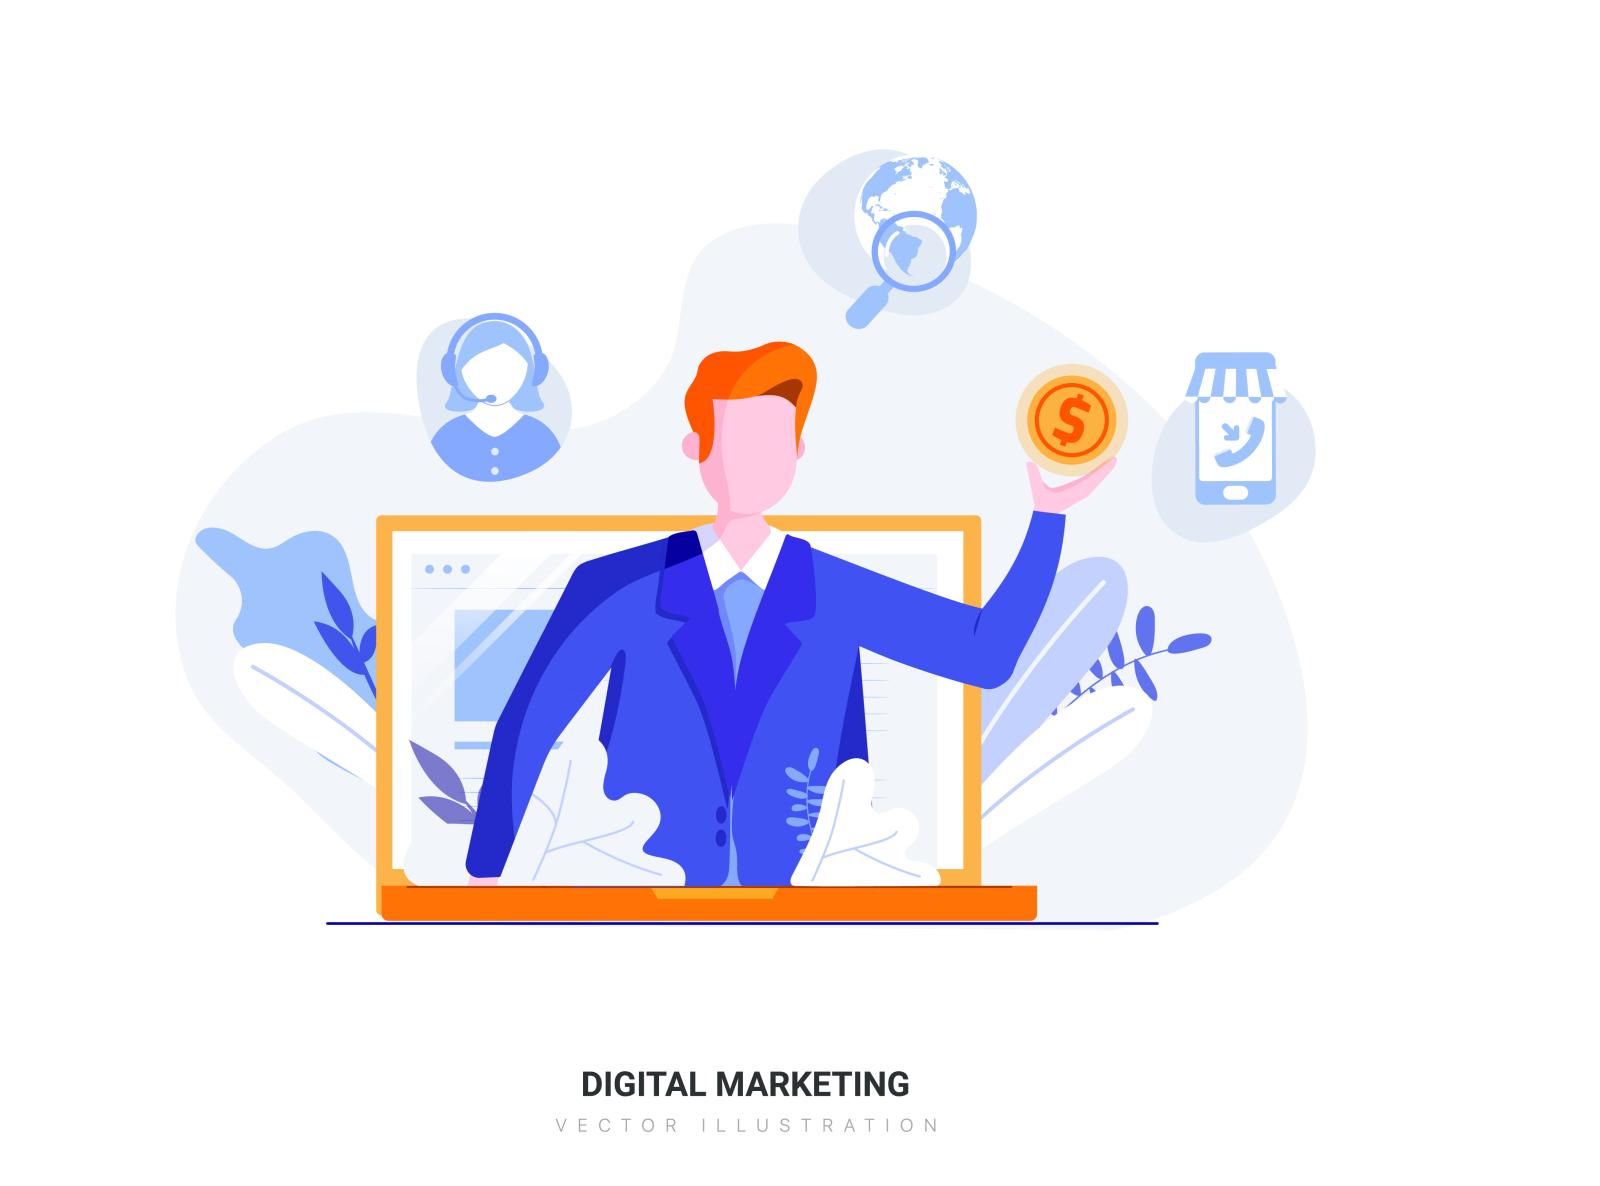 digital marketing vector illustration by hoangpts on dribbble digital marketing vector illustration